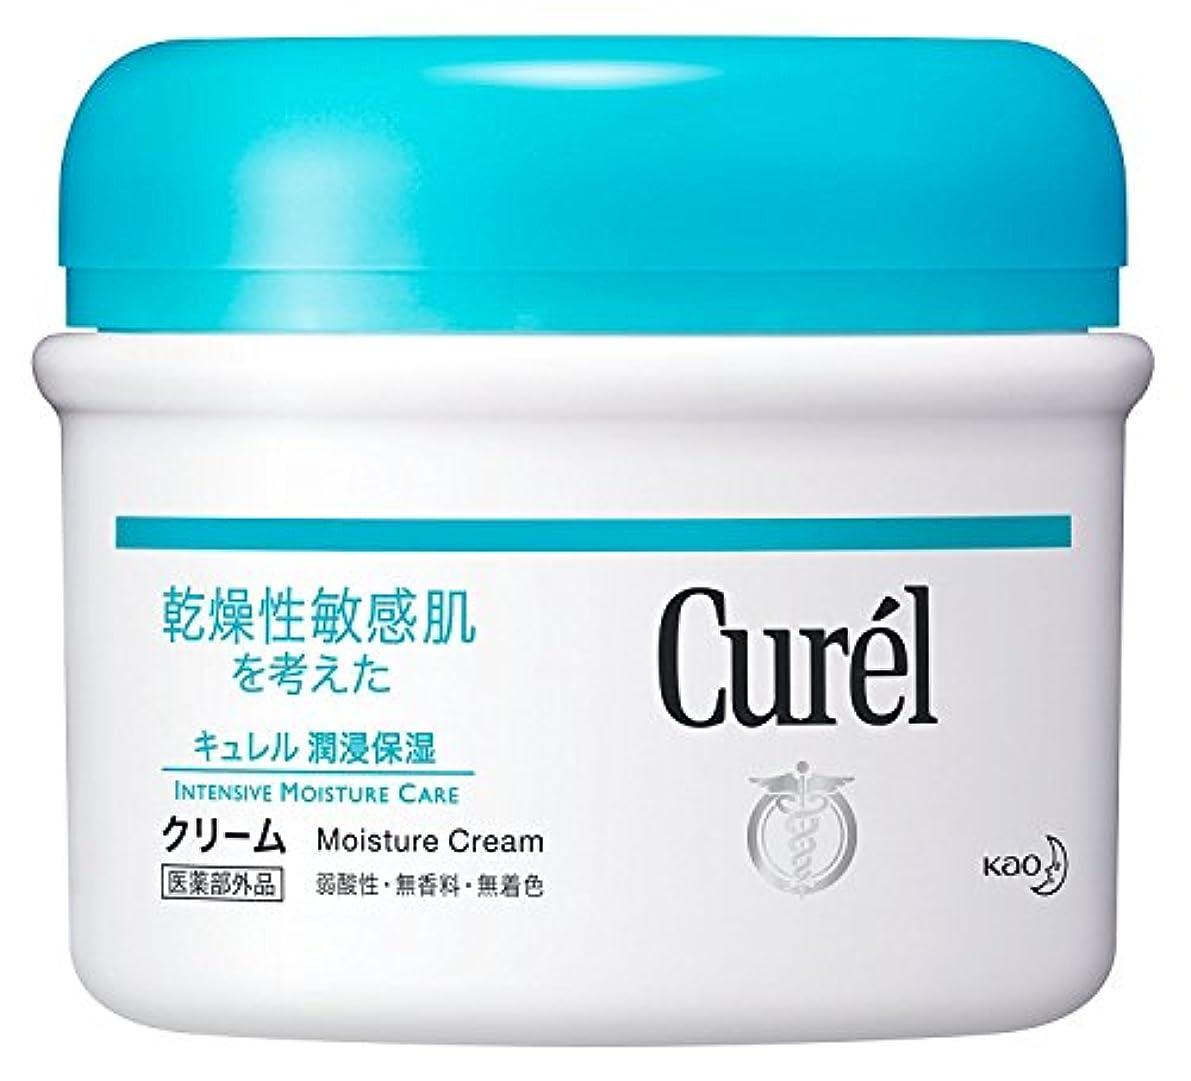 クリーク口頭親【花王】キュレル 薬用クリーム 90g ×5個セット